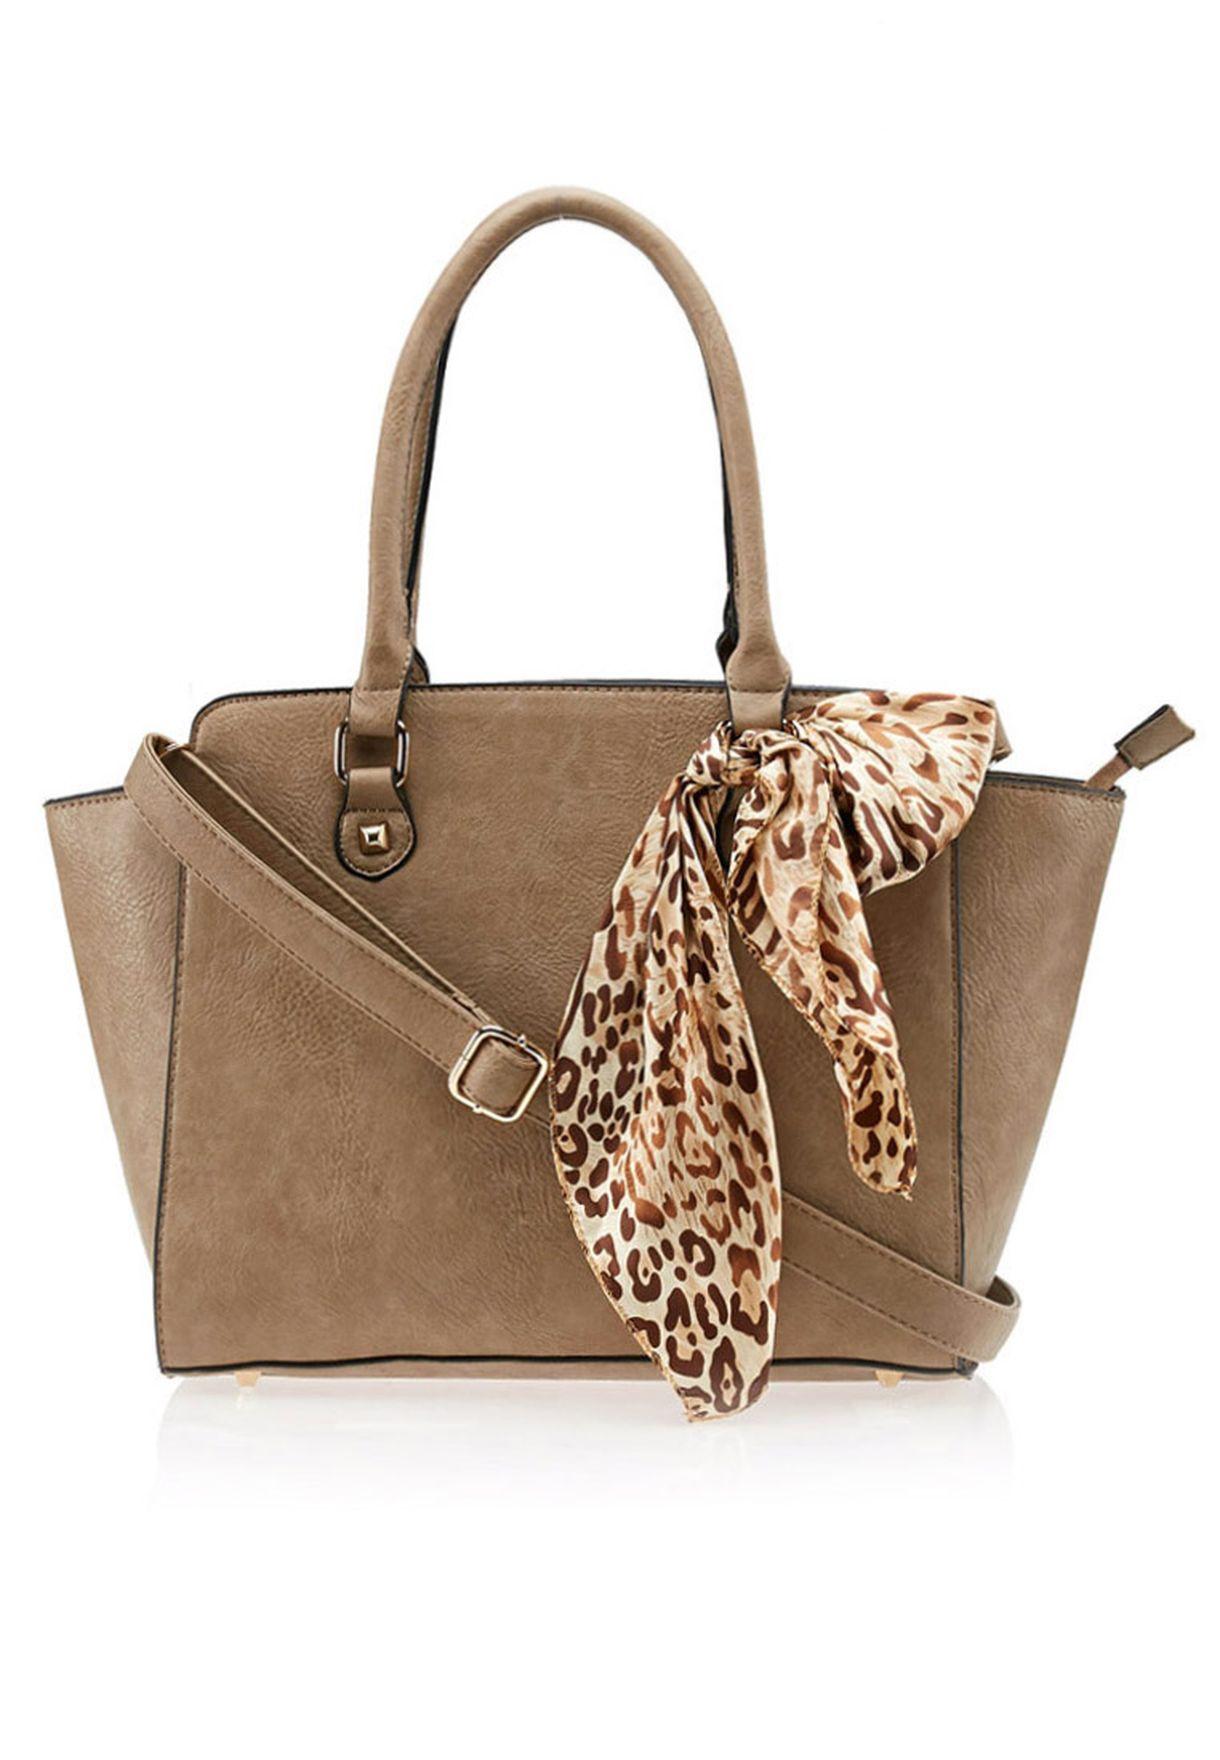 bd1362377 تسوق حقيبة كبيرة مع وشاح ماركة ايلا لون بني في السعودية - EL314AC51EFK